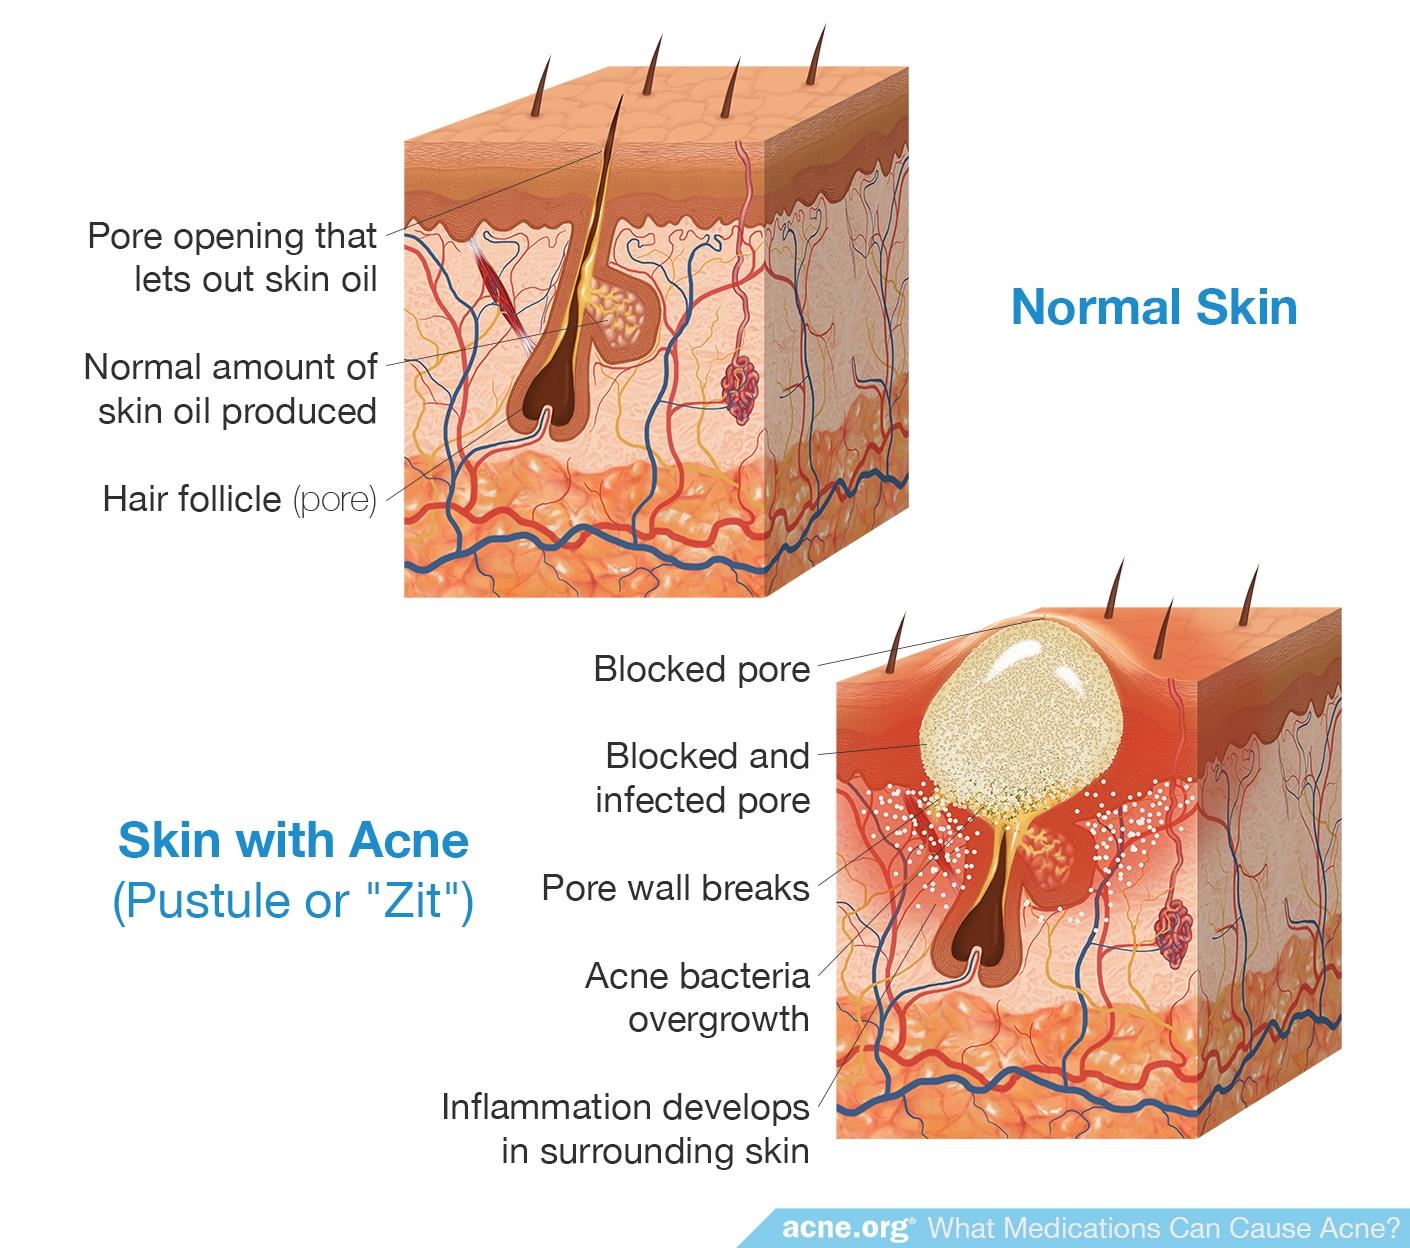 Normal Skin vs. Skin with Acne